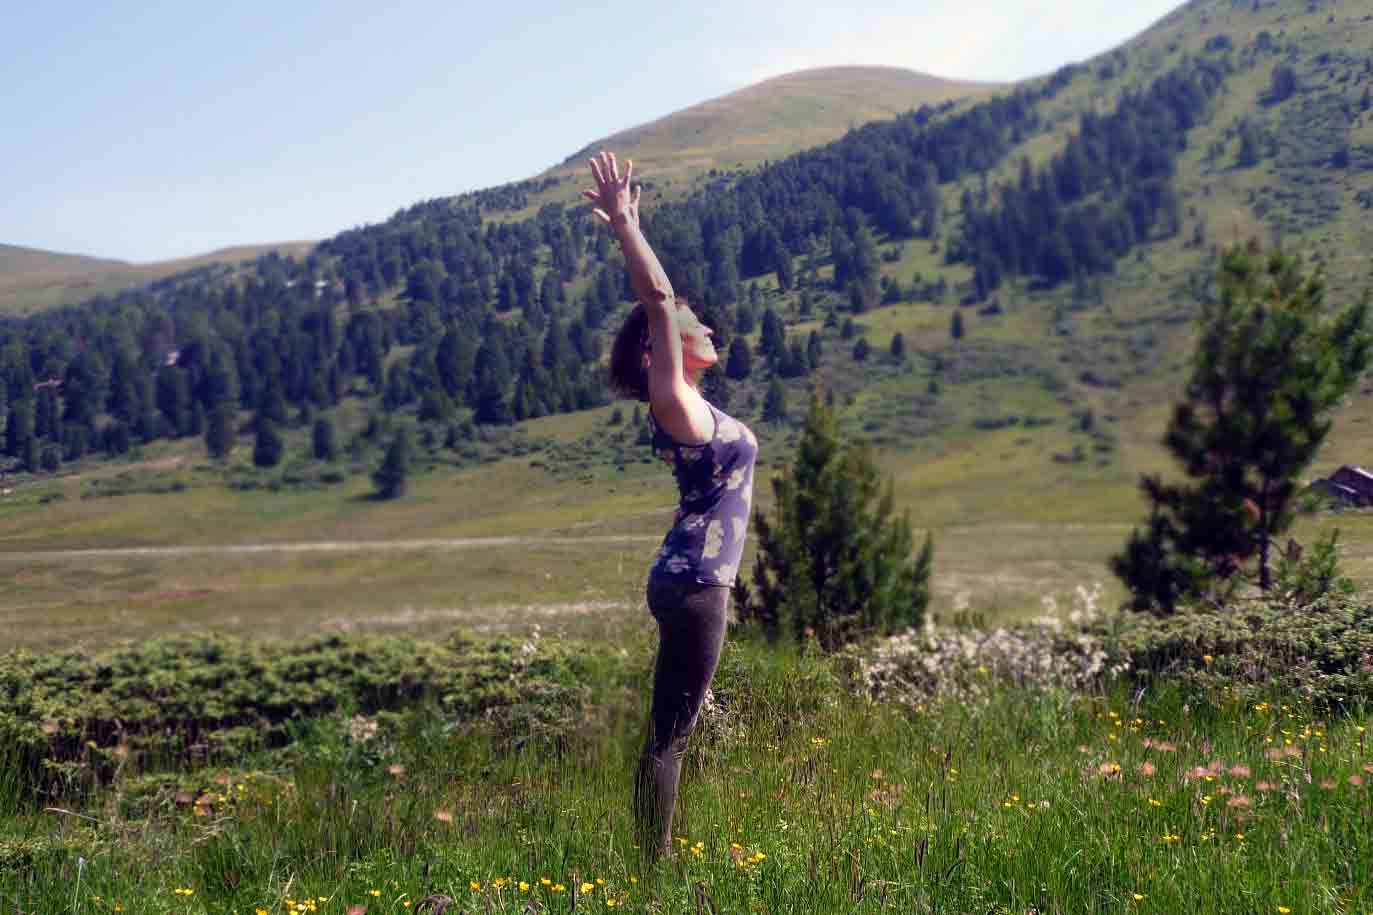 EINATEM: Gestreckter Berg. Der Atem trägt Brustbein & Arme nach oben.